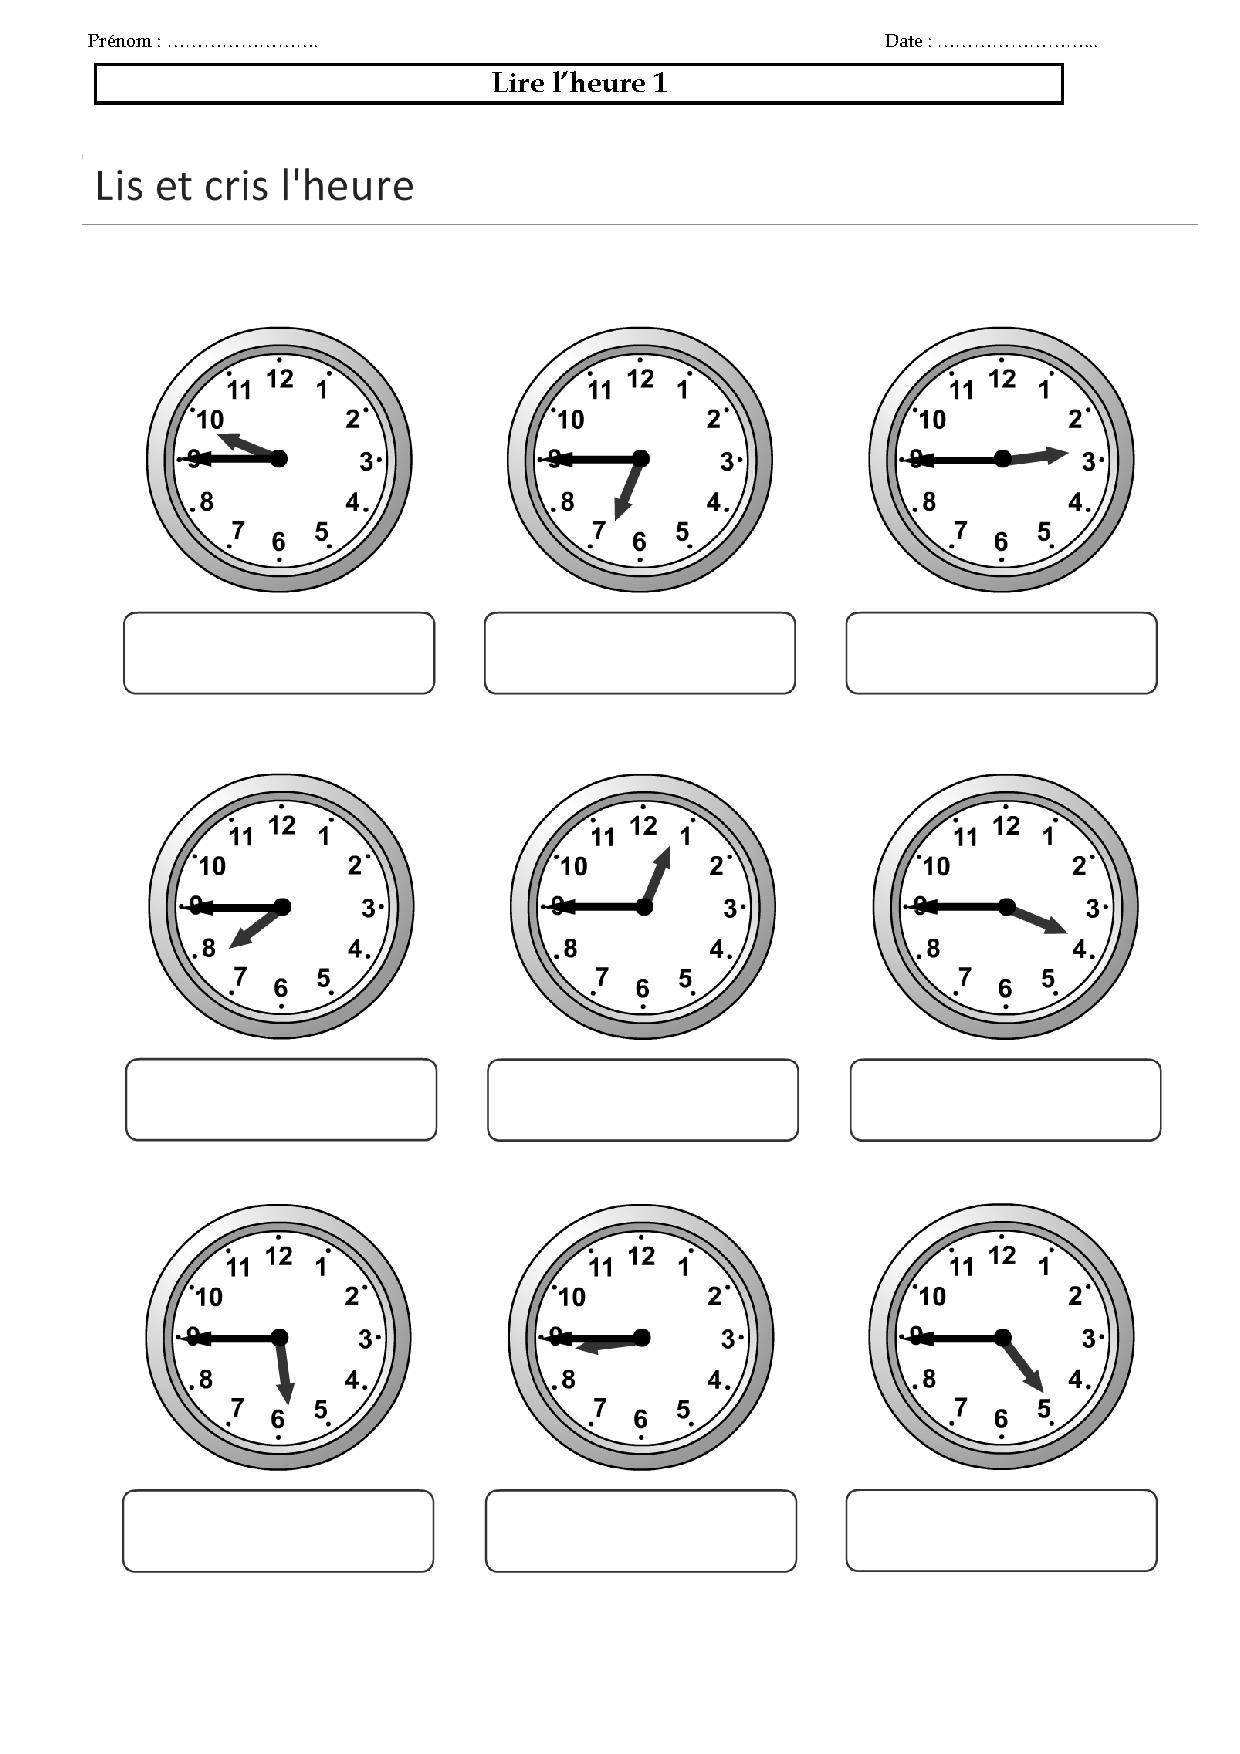 lire l 39 heure ce1 ce2 cm exercices l 39 heure les minutes horlog. Black Bedroom Furniture Sets. Home Design Ideas